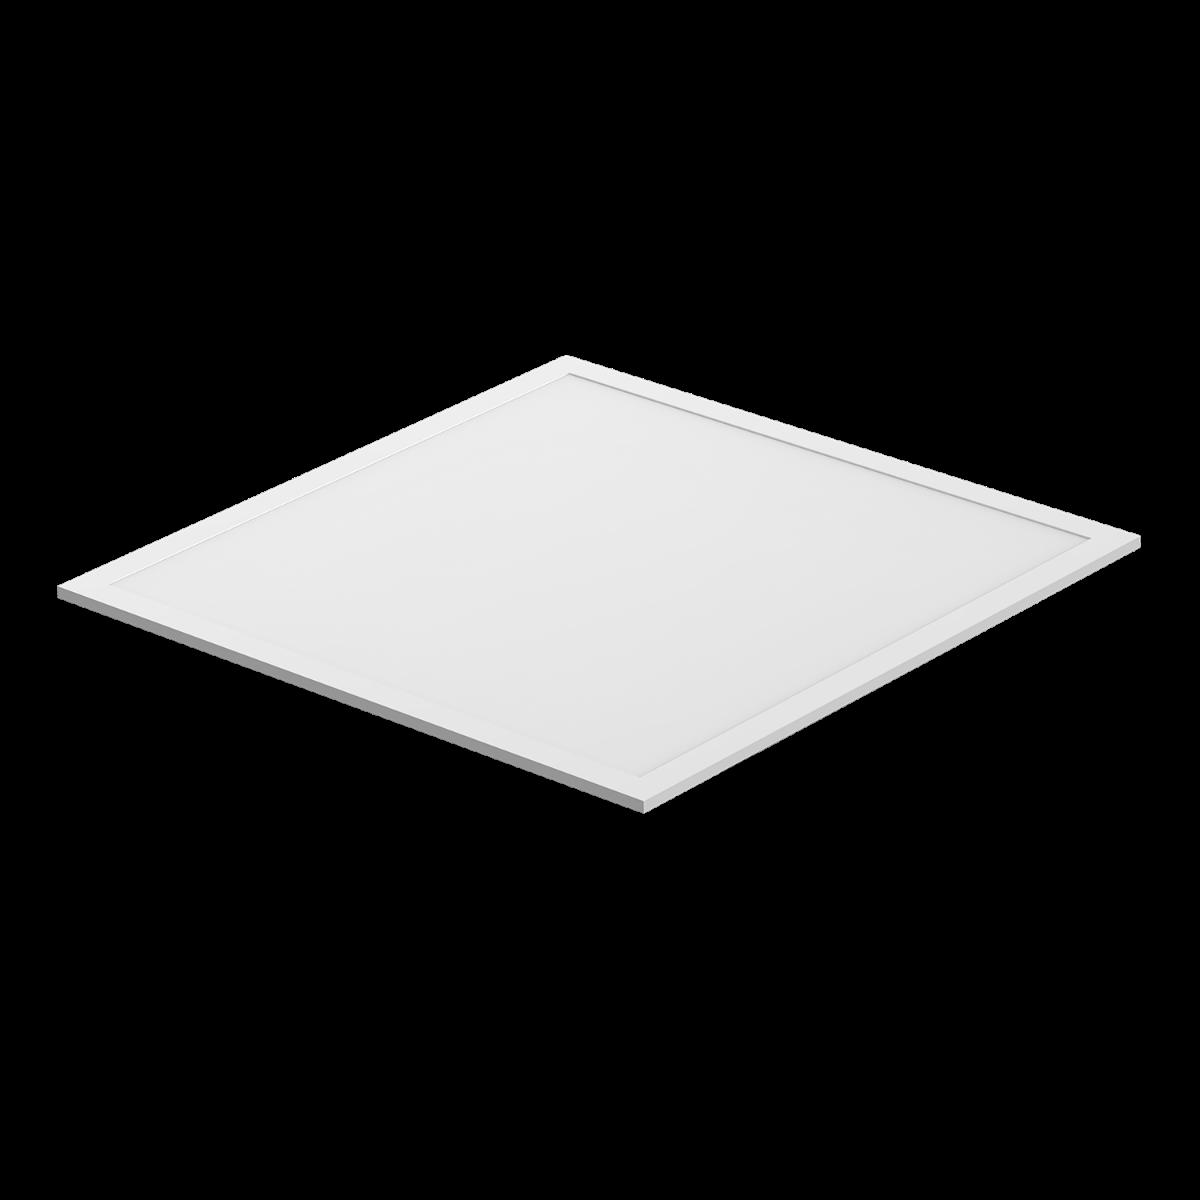 Noxion LED panel Econox 32W 60x60cm 3000K 3900lm UGR <22   varm hvid - erstatter 4x18W